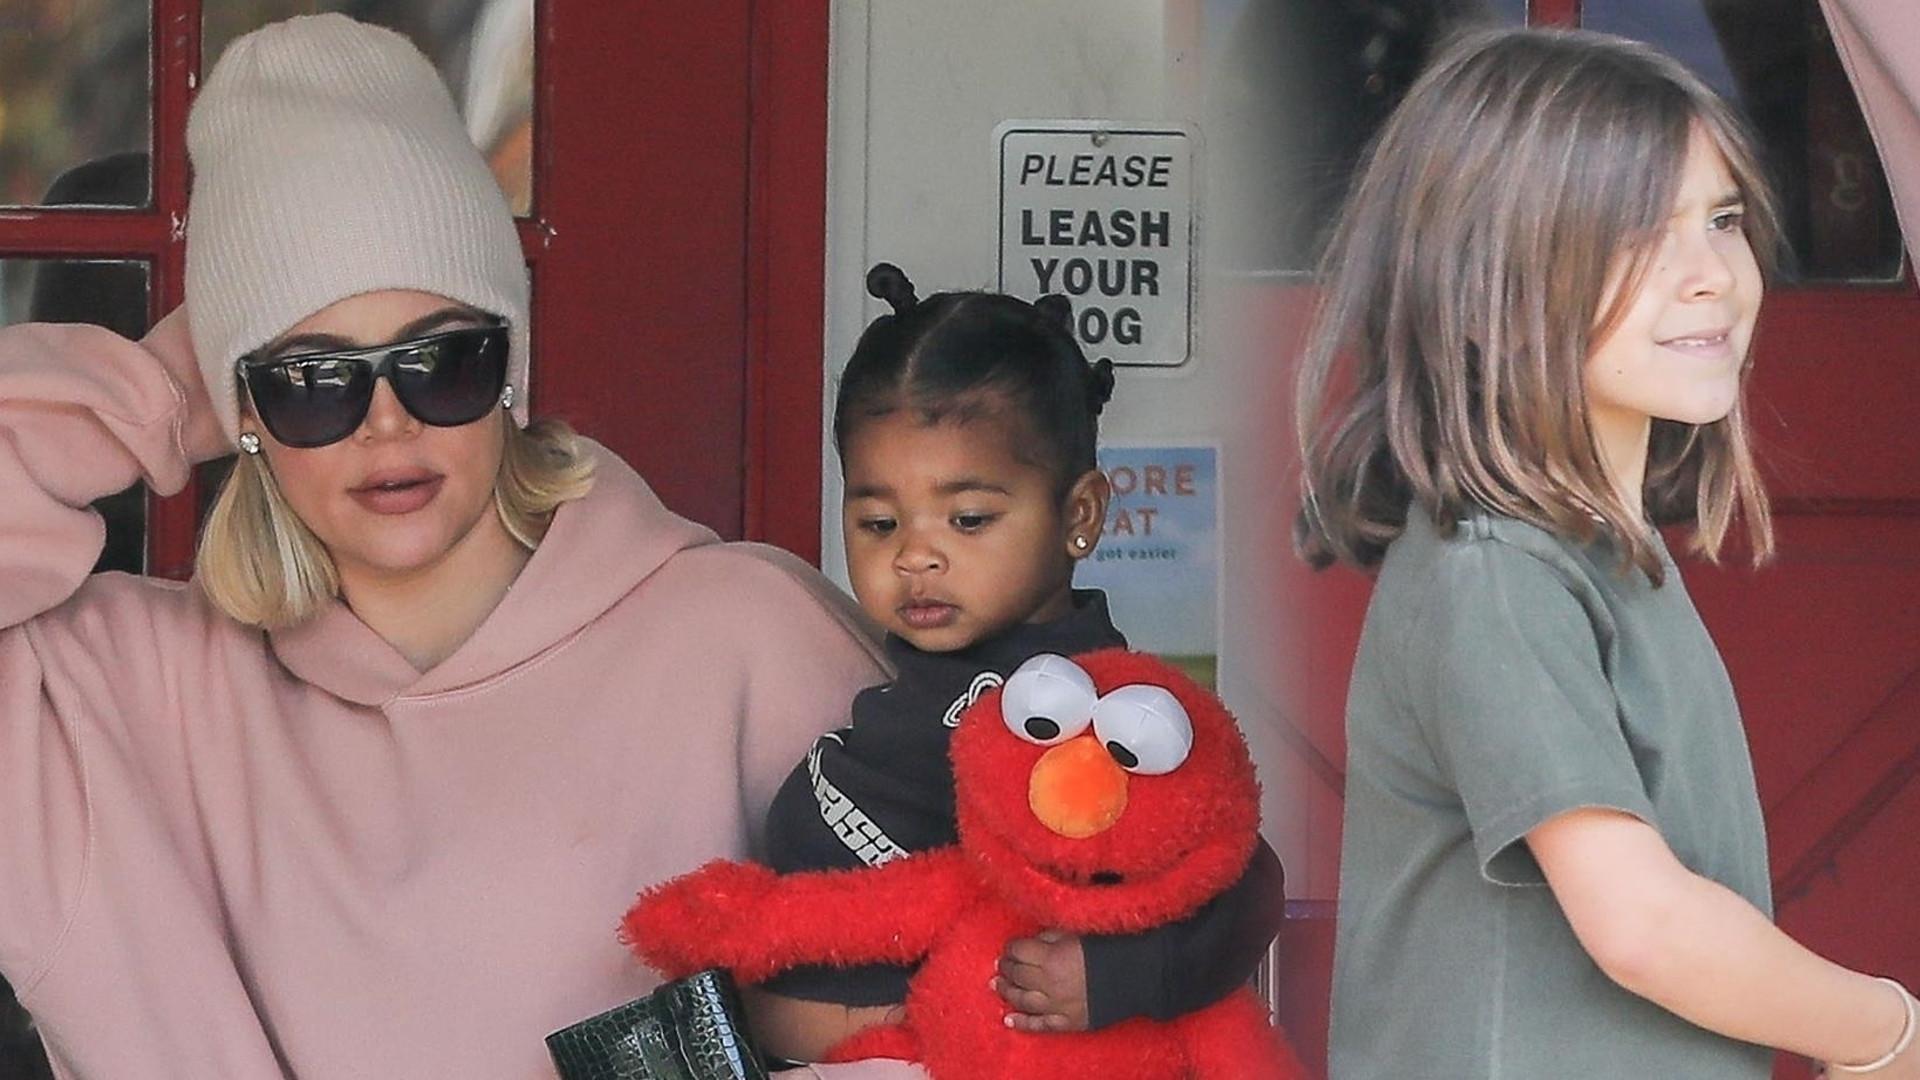 Ciocia Khloe Kardashian zabrała True i córkę Kourtney na zakupy (ZDJĘCIA)